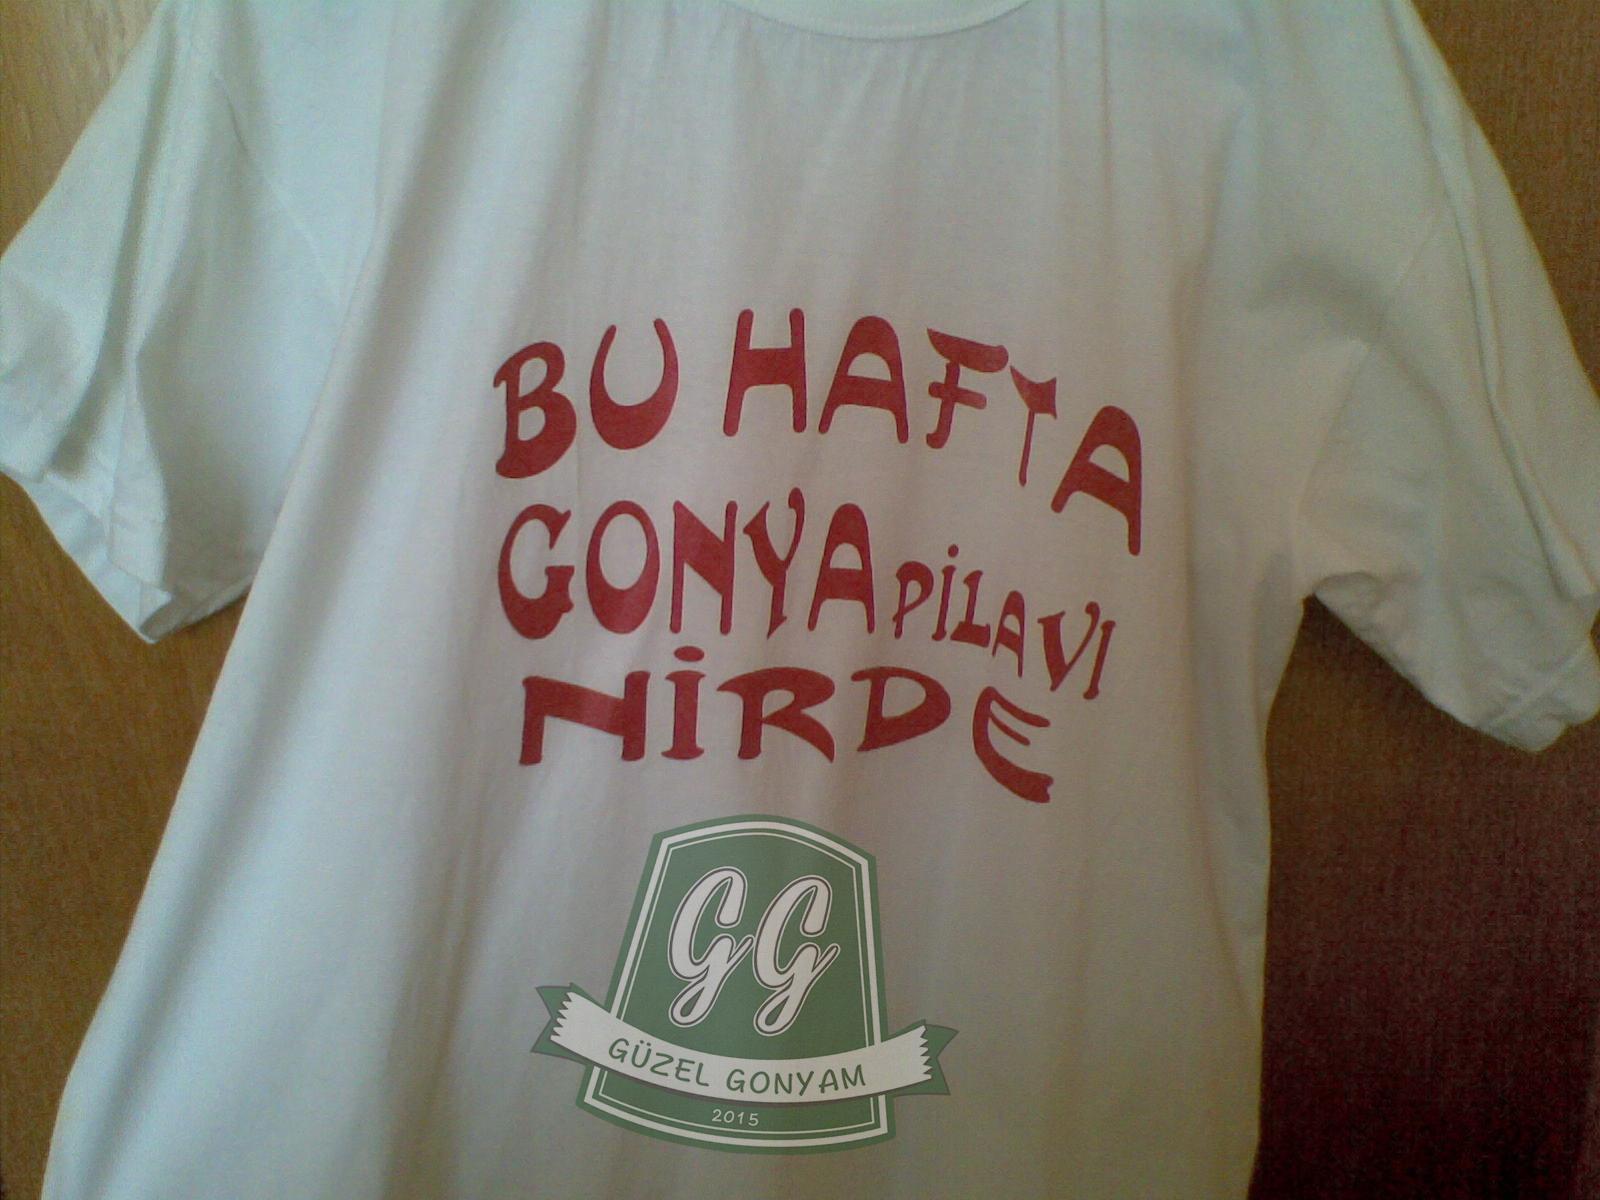 Gonya Pilavı tişörtü